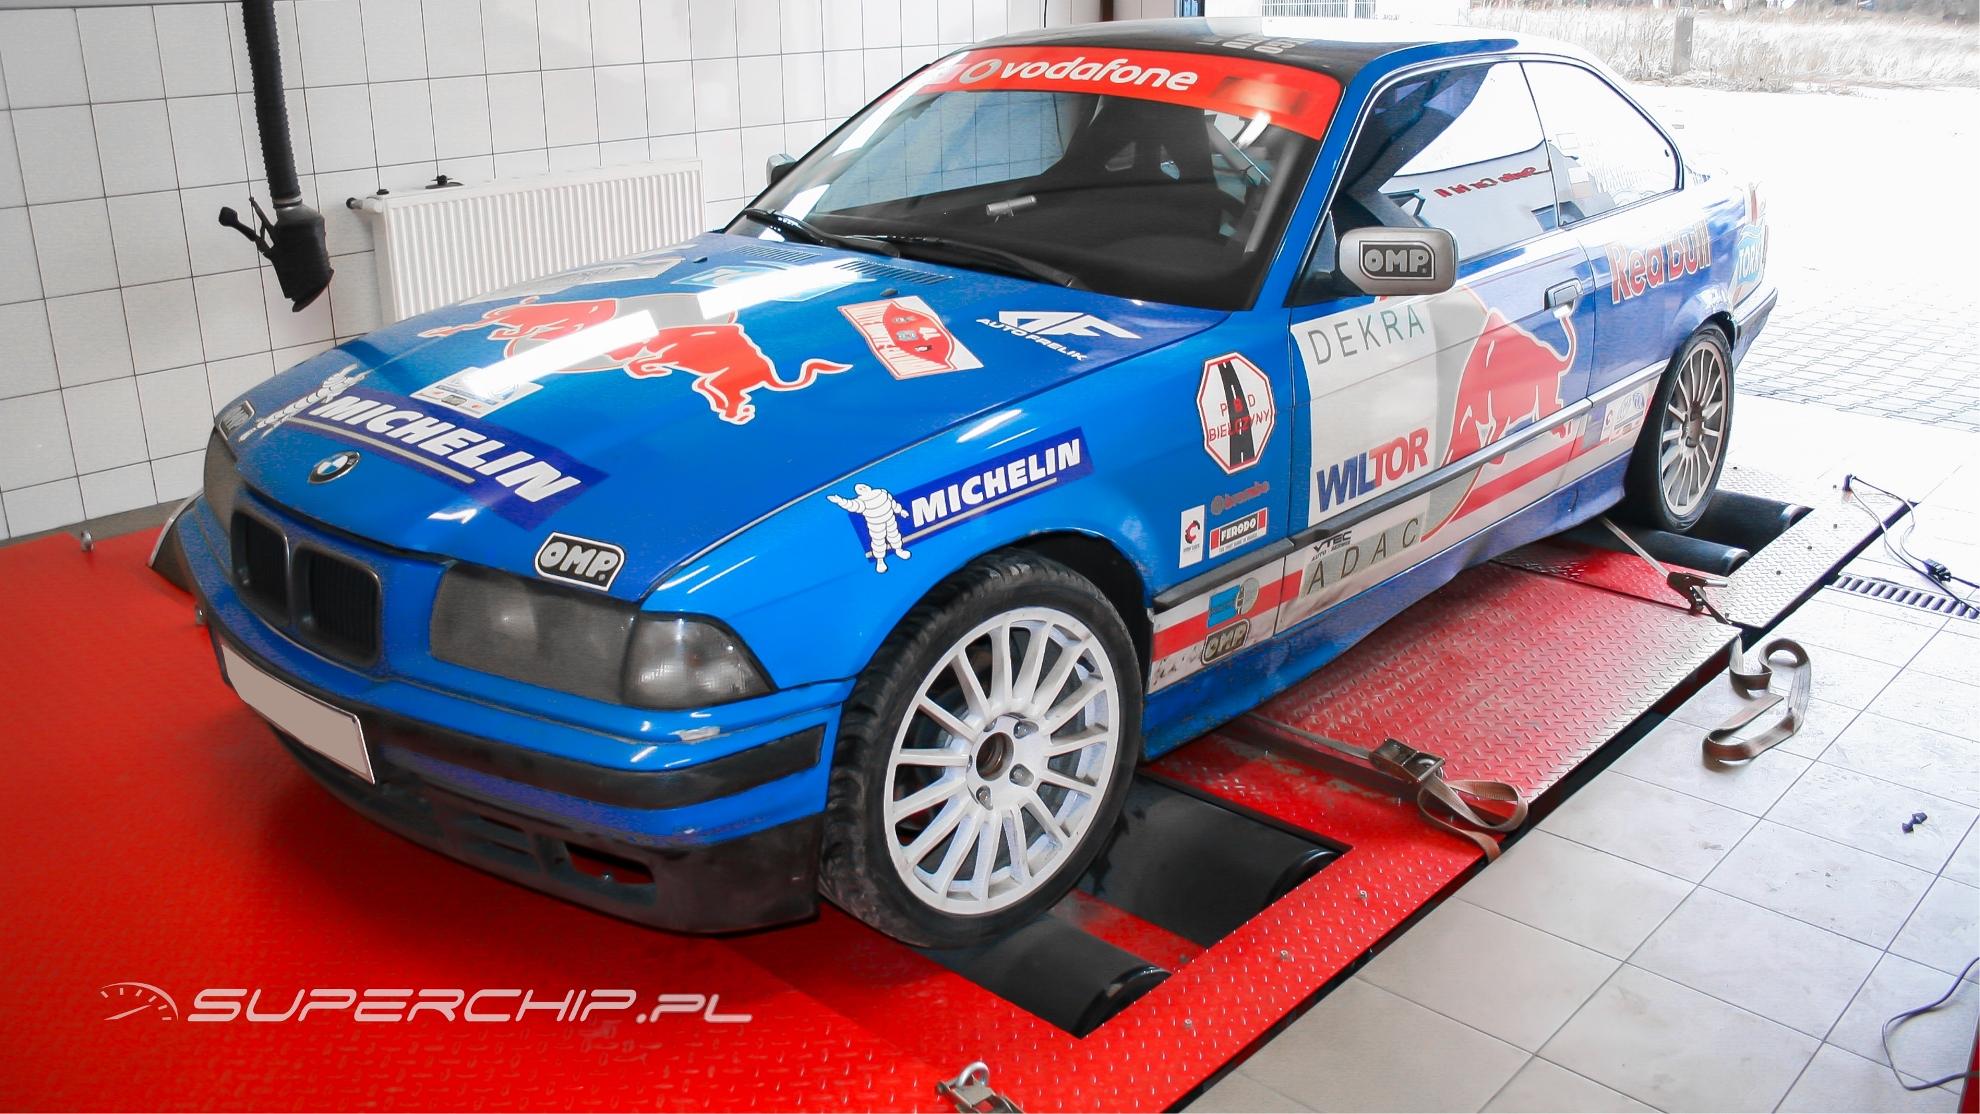 BMW 3 1.8 IS 140 KM - strojenie